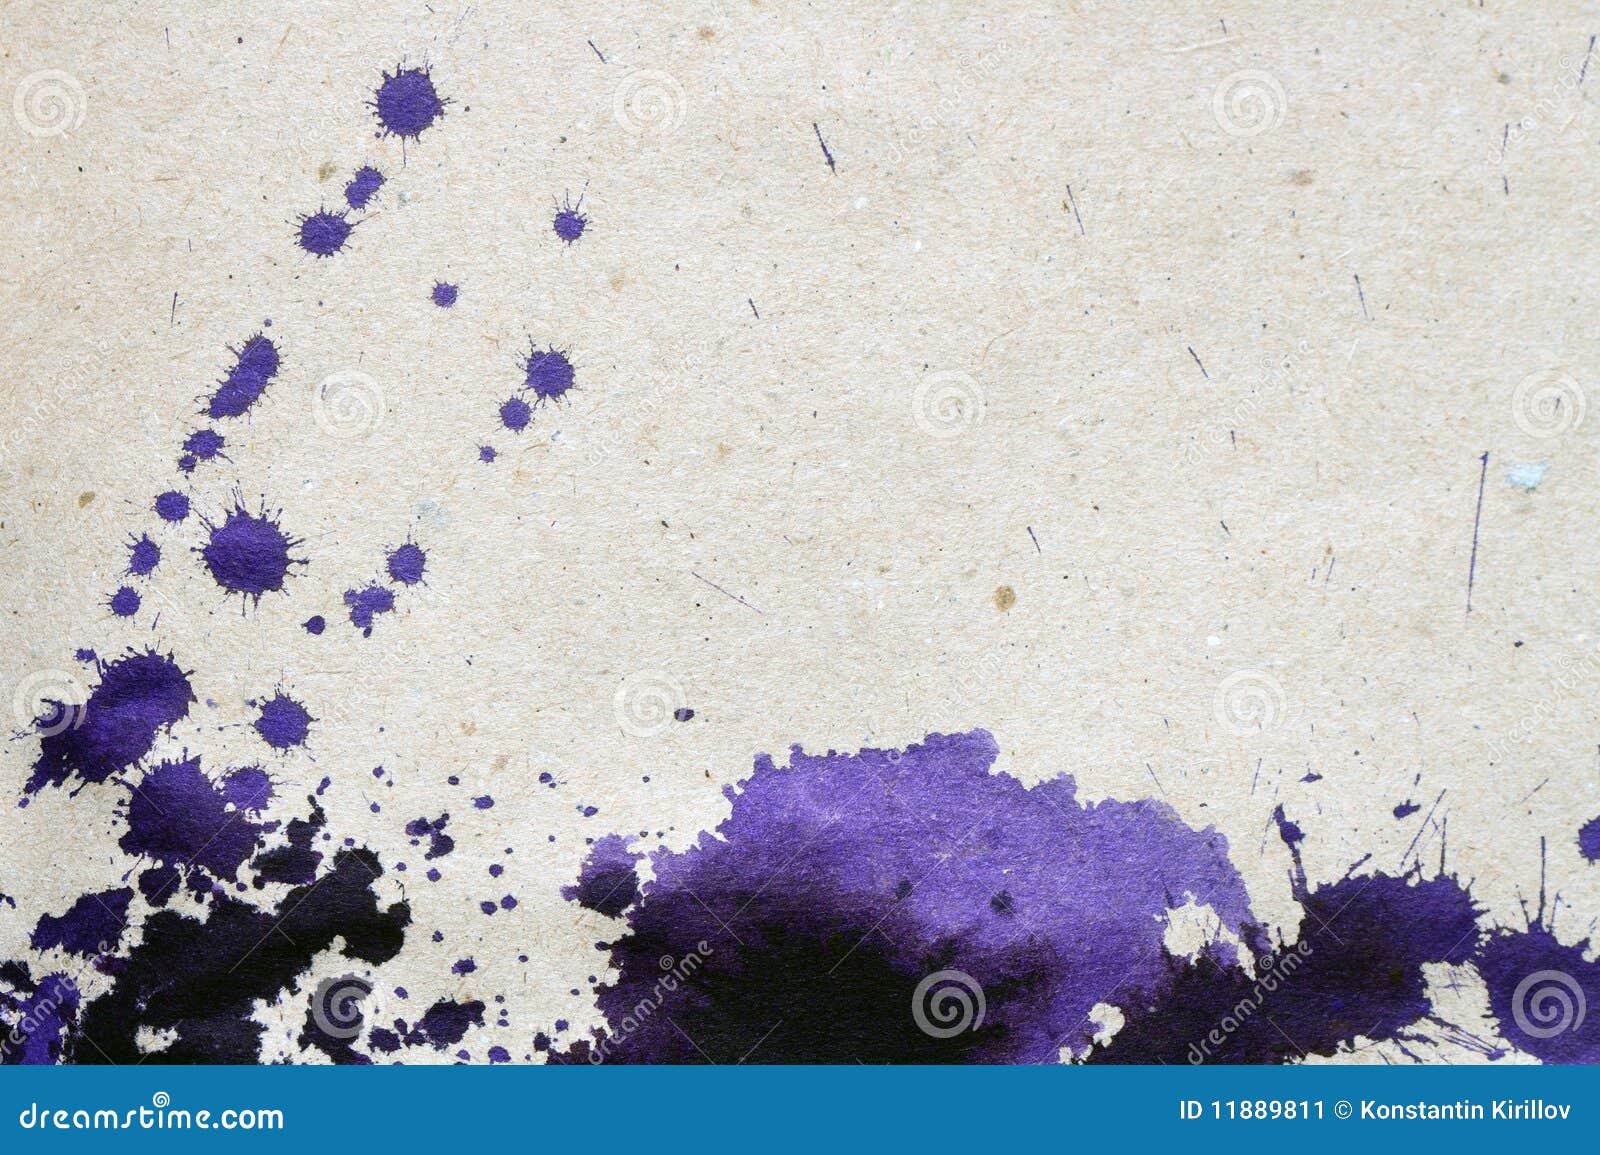 ink blot background - photo #11